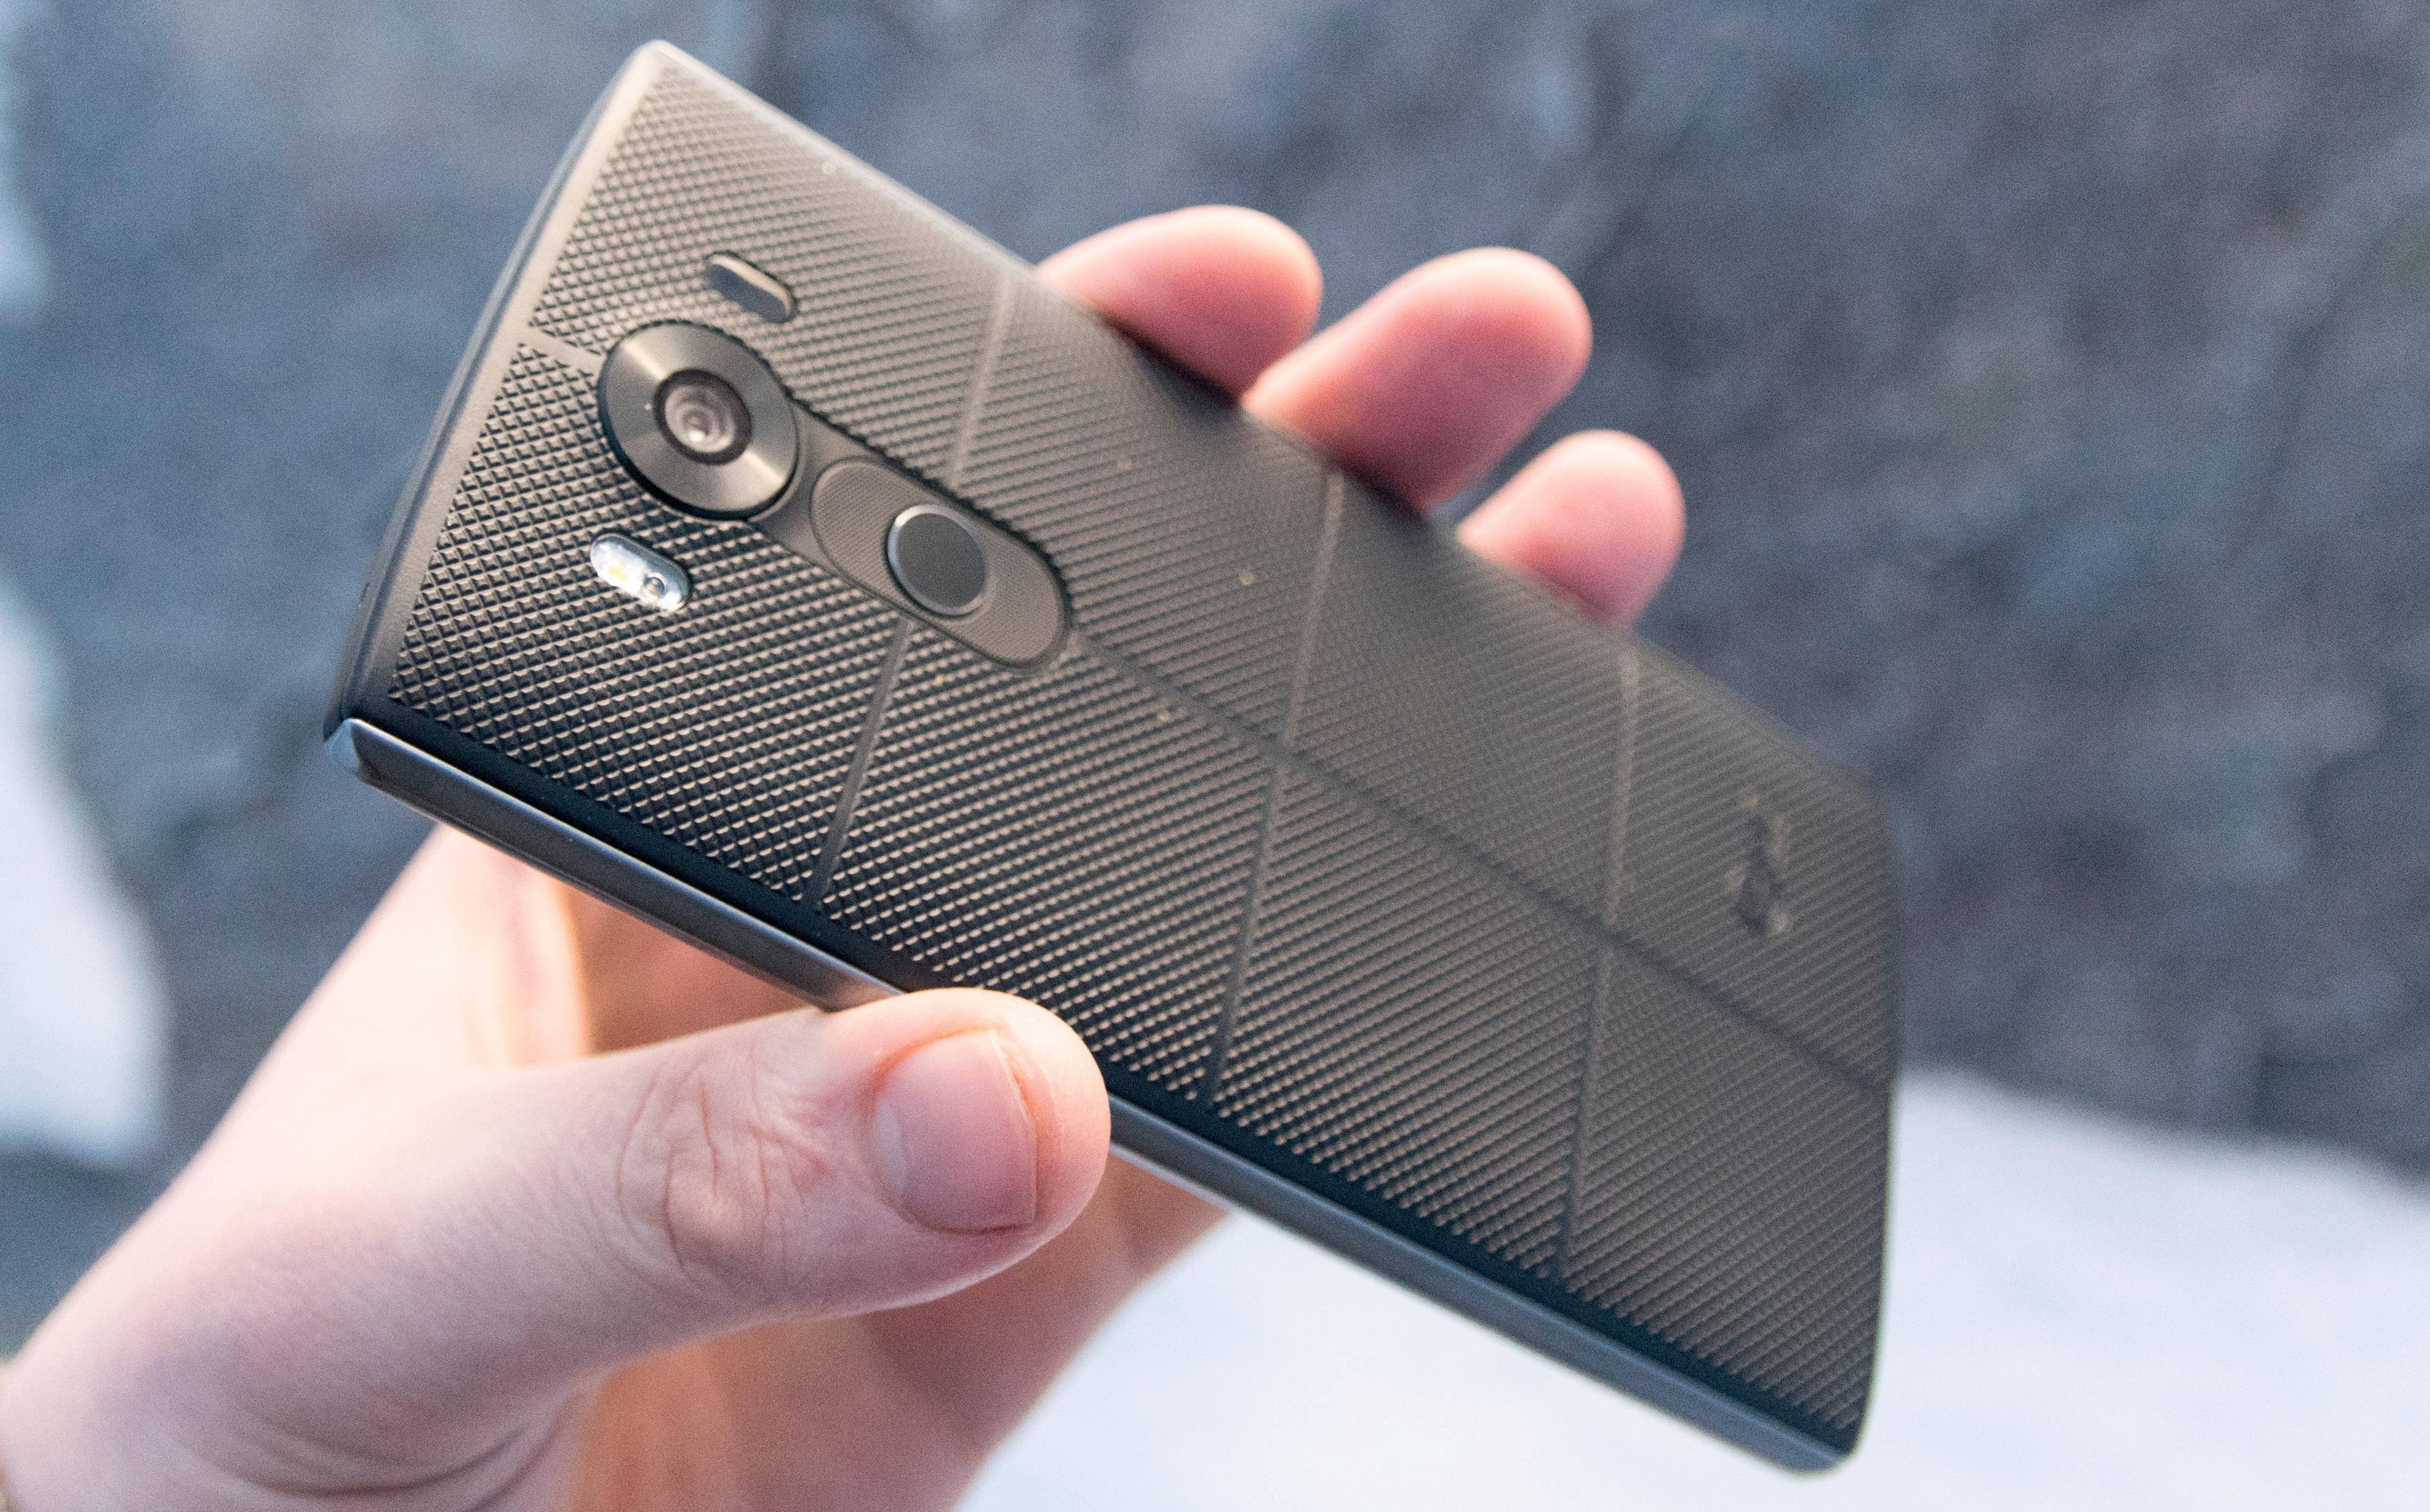 Baksiden er belagt med et tykt gummistoff som ifølge LG skal være svært så solid. Den viktigste egenskapen er at telefonen ligger som støpt i hånden.